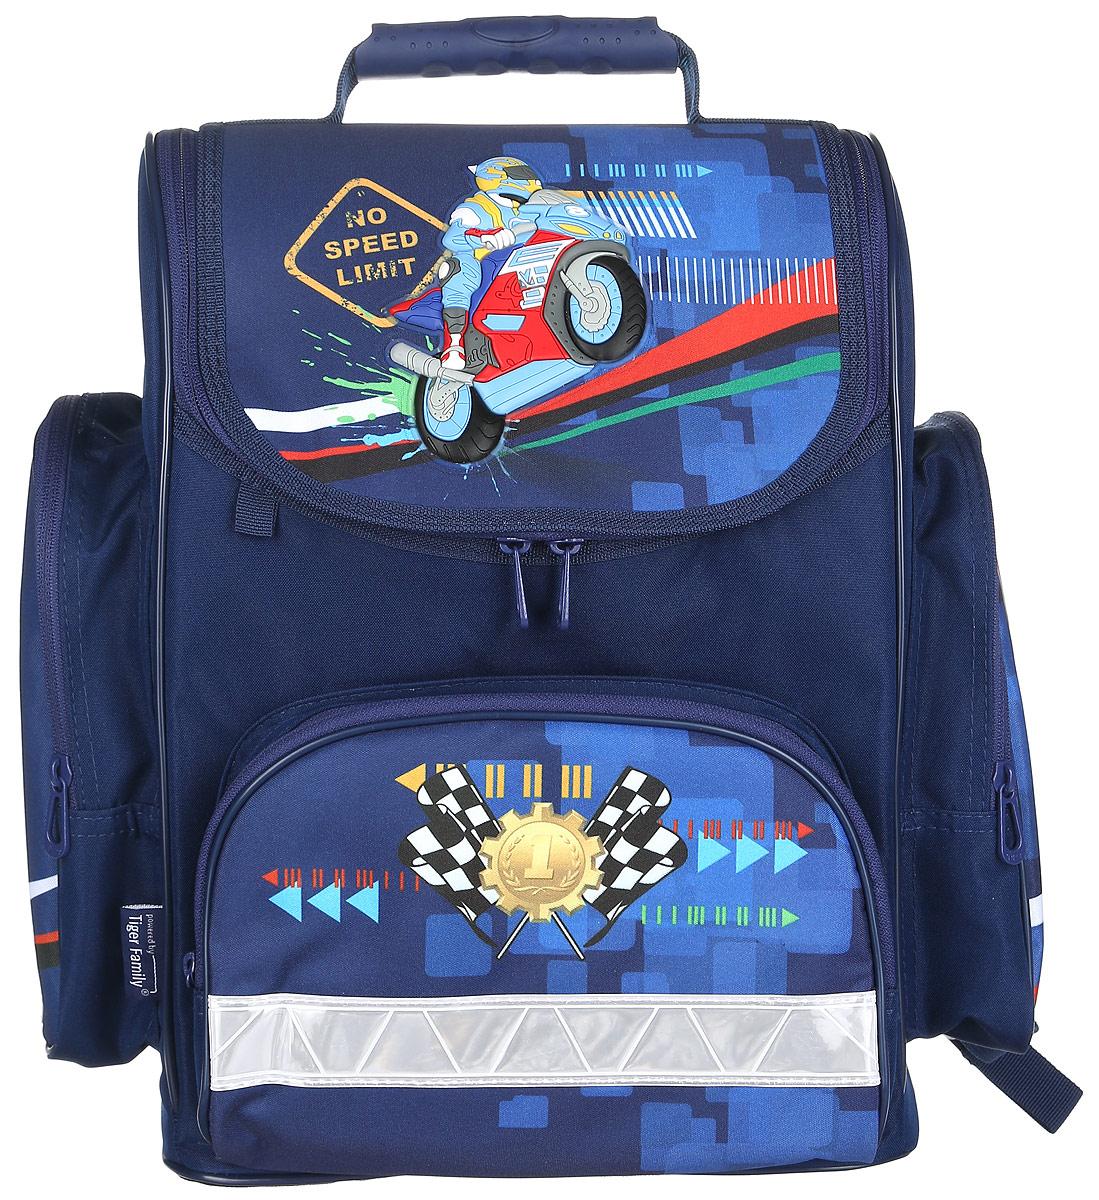 Tiger Enterprise Ранец школьный Motorbike21105/A/TGШкольный ранец Tiger Enterprise Motorbike идеально подойдет для школьников.Ранец выполнен из прочного и водонепроницаемого материала. Изделие оформлено изображением в виде мотоциклиста.Содержит одно вместительное отделение, закрывающееся клапаном на застежку-молнию с двумя бегунками. Внутри отделения имеется мягкая перегородка для тетрадей или учебников. Клапан полностью откидывается, что существенно облегчает пользование ранцем. На внутренней части клапана находится прозрачный пластиковый кармашек, в который можно поместить данные о владельце ранца. Изделие имеет два боковых накладных кармана на молнии, которые отлично подойдут для бутылки с водой. Лицевая сторона ранца оснащена накладным карманом на застежке-молнии.Спинка ранца достаточно твердая. В нижней части спины расположен поясничный упор - небольшой валик, на который при правильном ношении ранца будет приходиться основная нагрузка.Ранец оснащен ручкой с пластиковой насадкой для удобной переноски в руке и петлей для подвешивания. Мягкие анатомические лямки позволяют легко и быстро отрегулировать ранец в соответствии с ростом ребенка. Дно ранца из износостойкого водонепроницаемого материала легко очищается от загрязнений.Светоотражающие элементы обеспечивают дополнительную безопасность в темное время суток.Многофункциональный школьный ранец станет незаменимым спутником вашего ребенка в походах за знаниями.